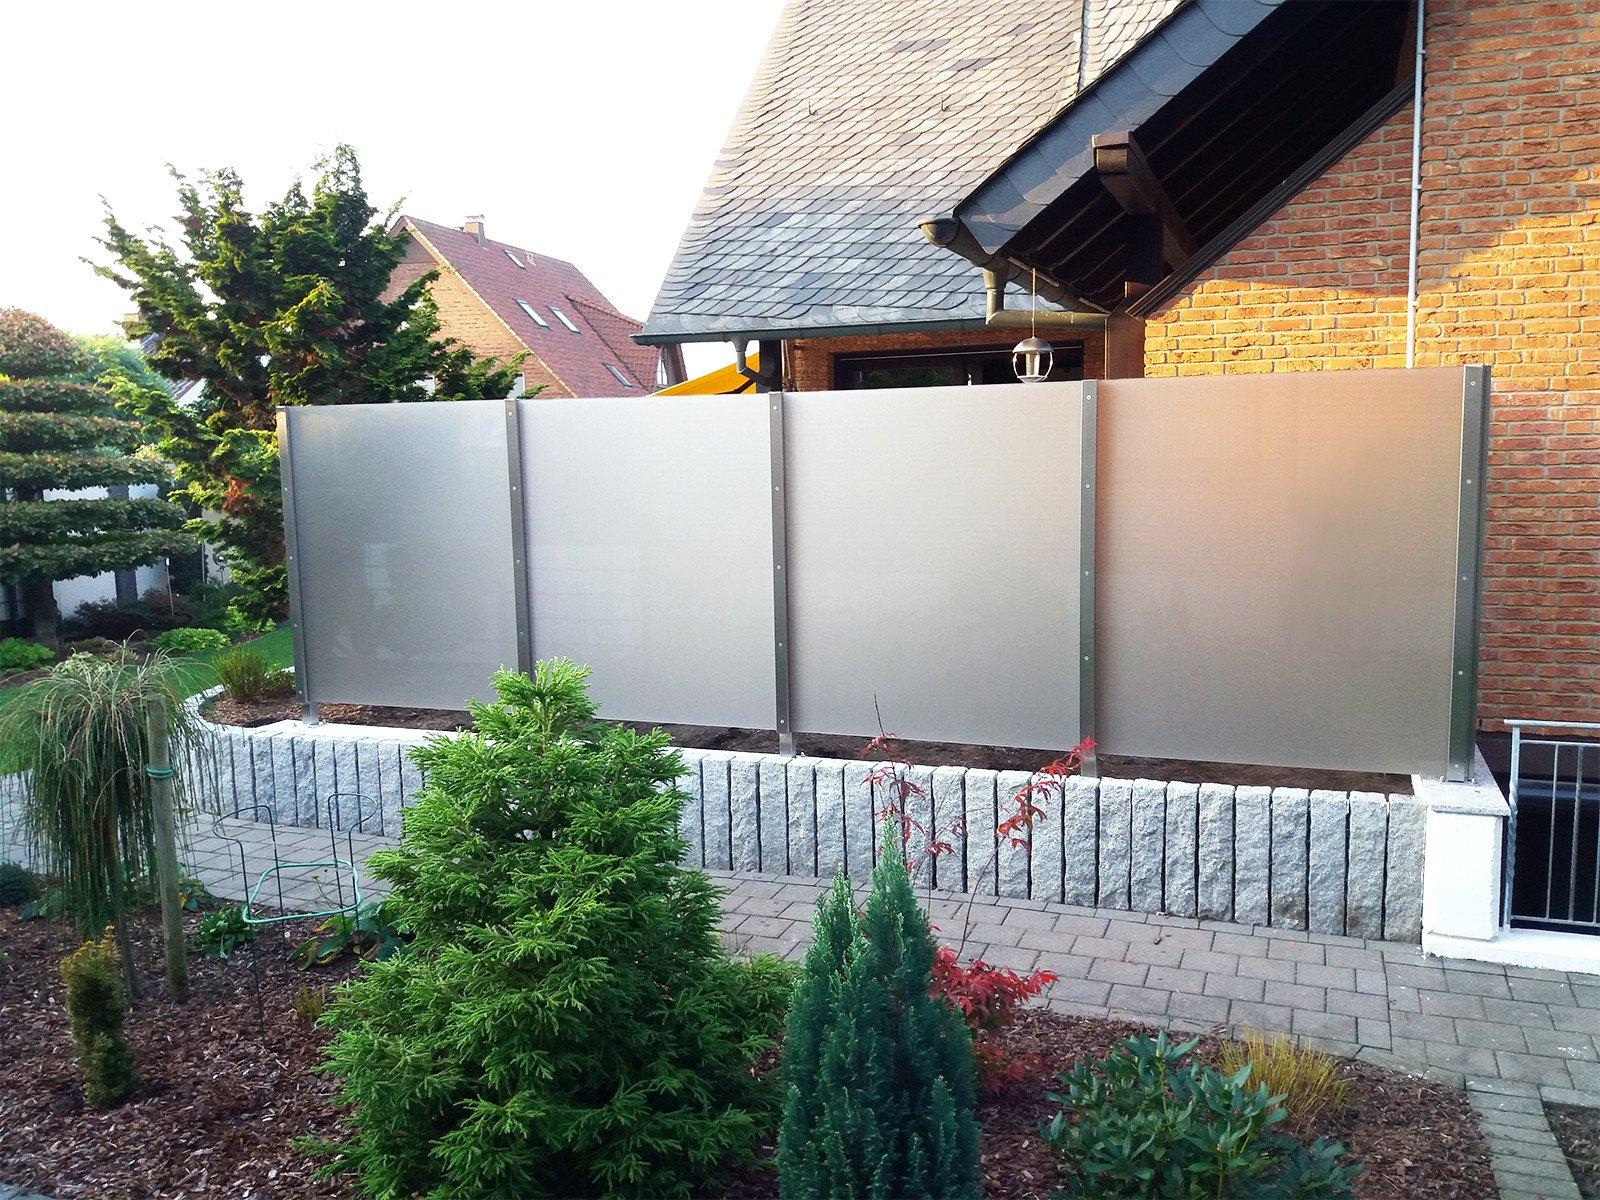 glaszaun-als-sichtschutz-sorgt-fuer-privatsphaere-im-garten-oder-auf-der-terrasse